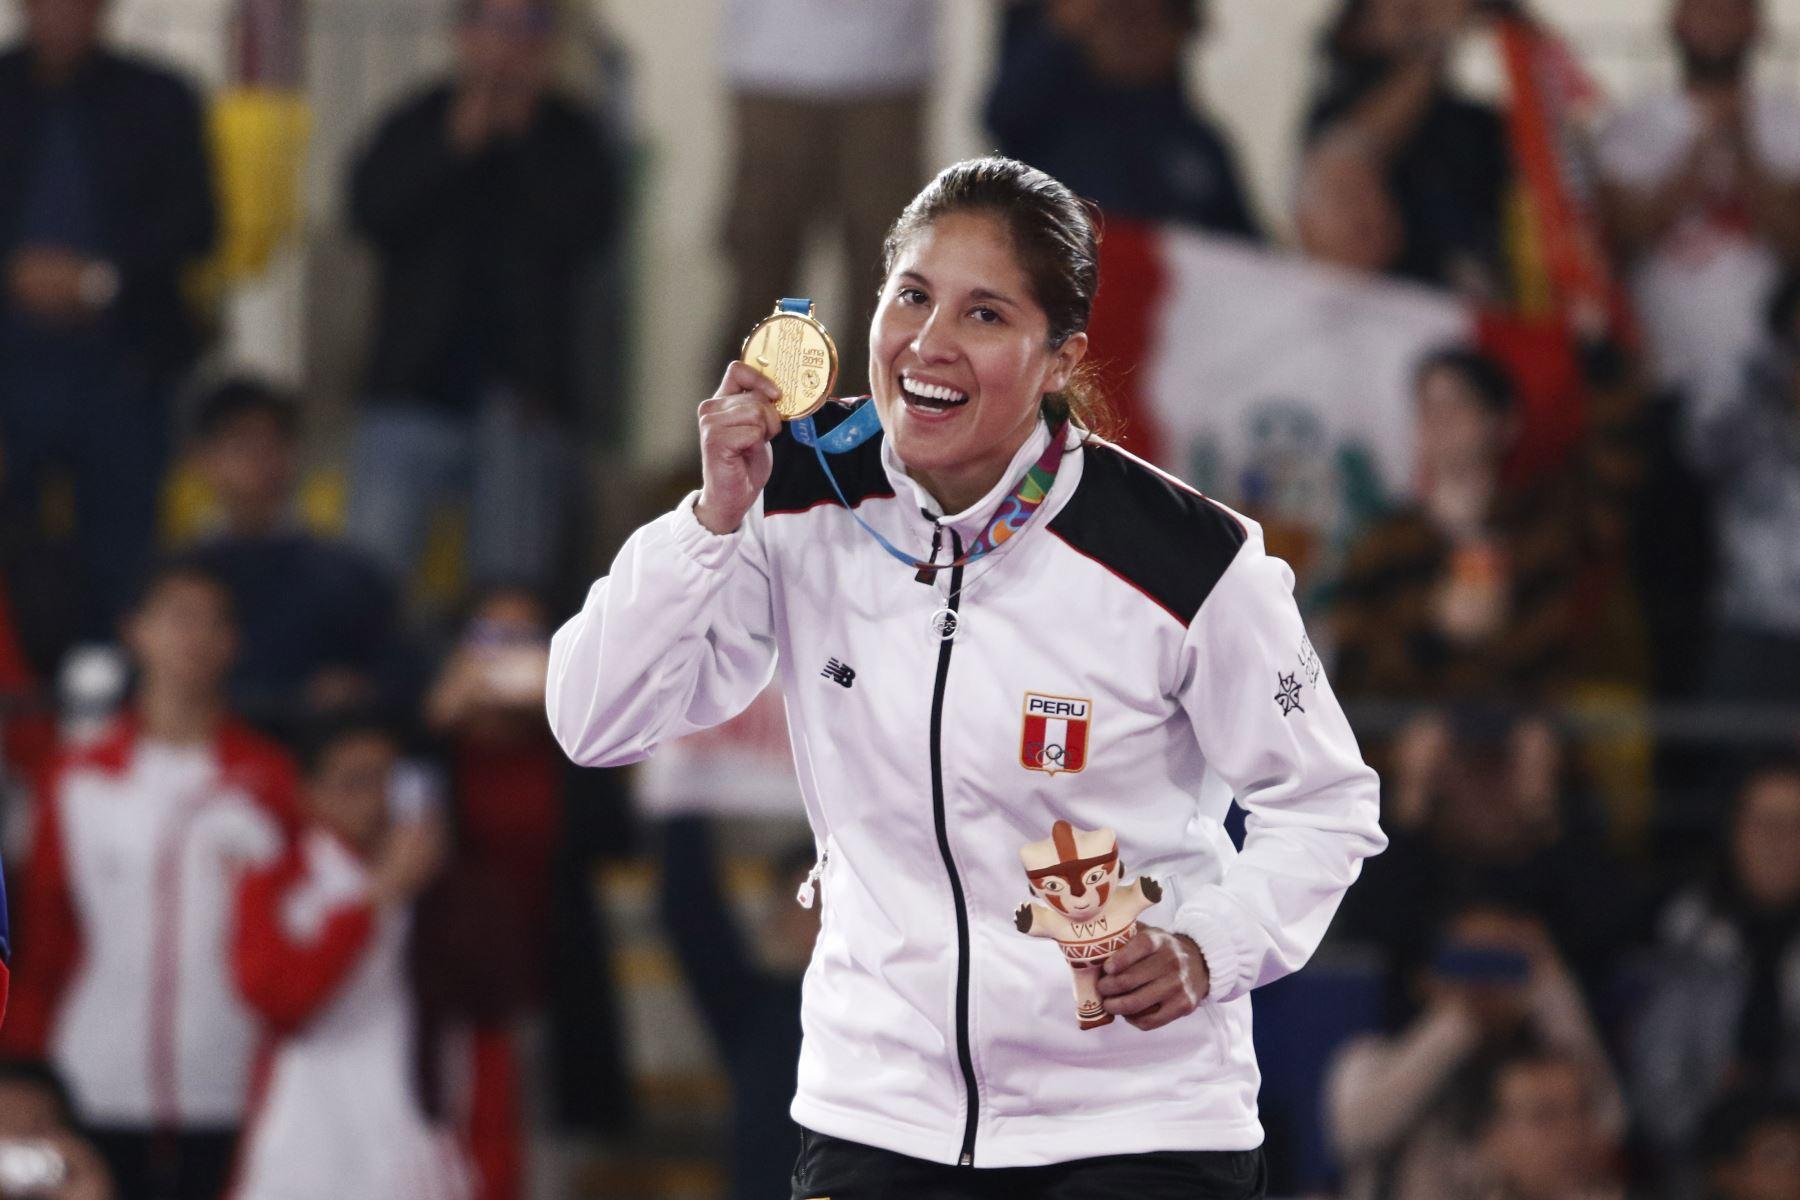 Alexandra Grande de Perú (oro) durante la ceremonia de medallas para la competencia de Karate Femenino por debajo de 61 kg en el Polideportivo Villa El Salvador en los Juegos Panamericanos Lima 2019.  Foto: Lima 2019